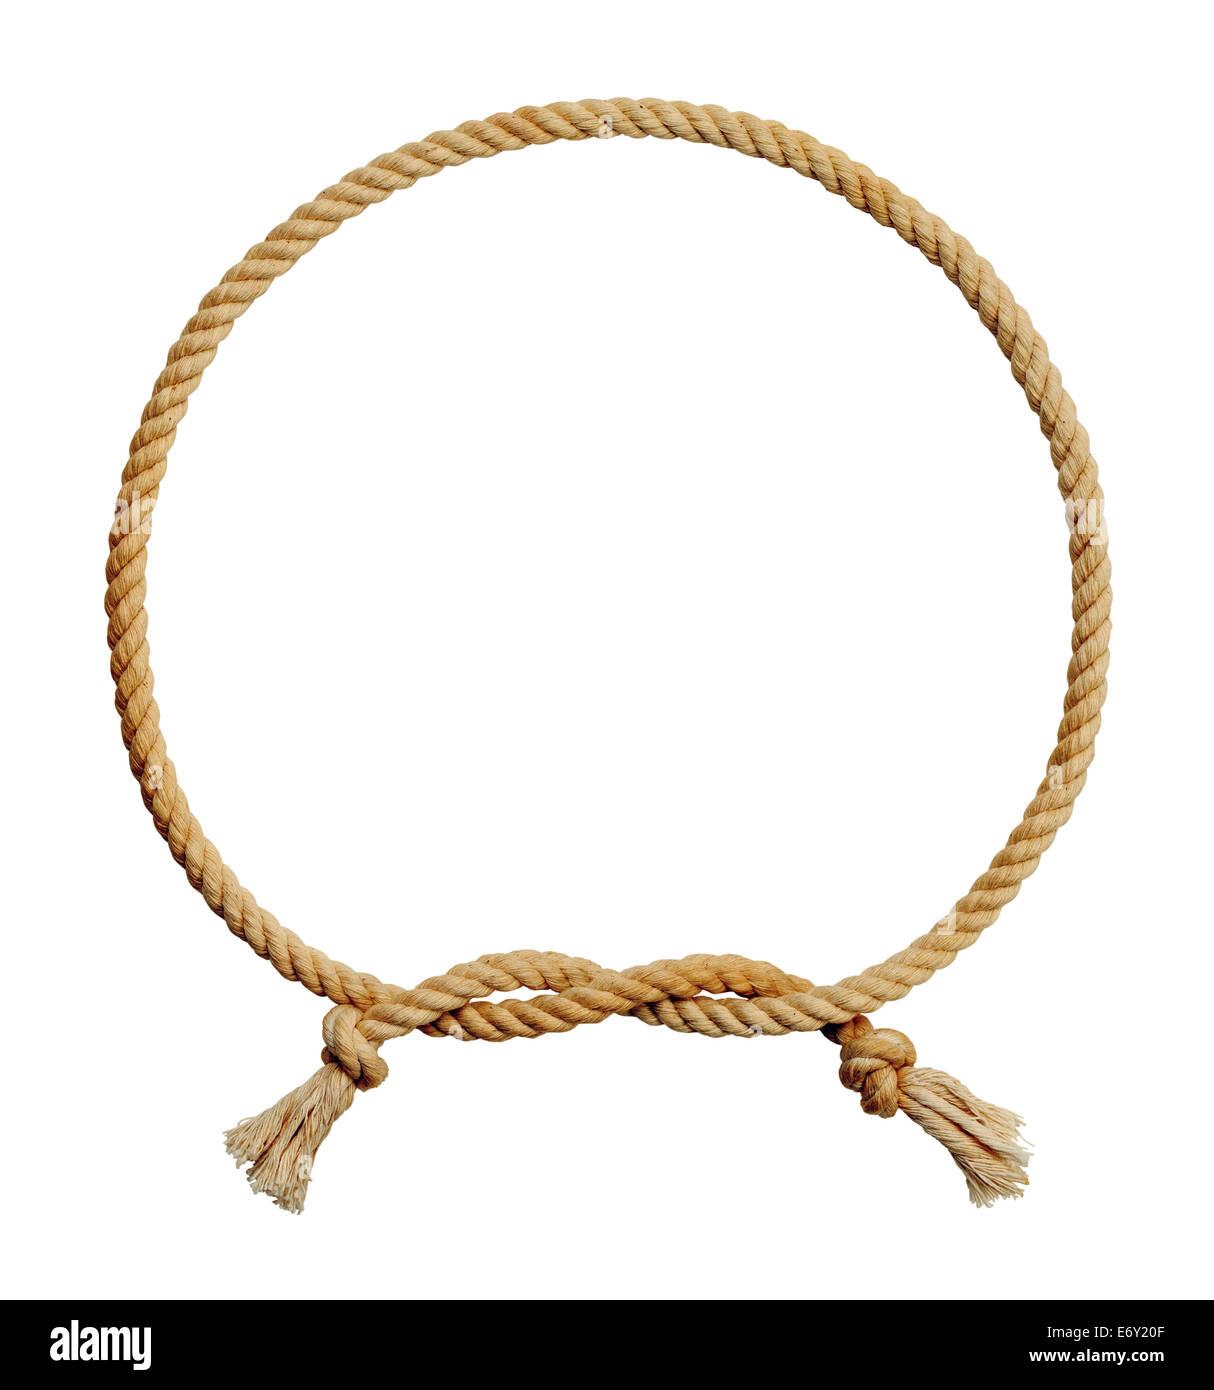 Cuerda vieja y sucia del bastidor del círculo aislado sobre fondo blanco. Imagen De Stock